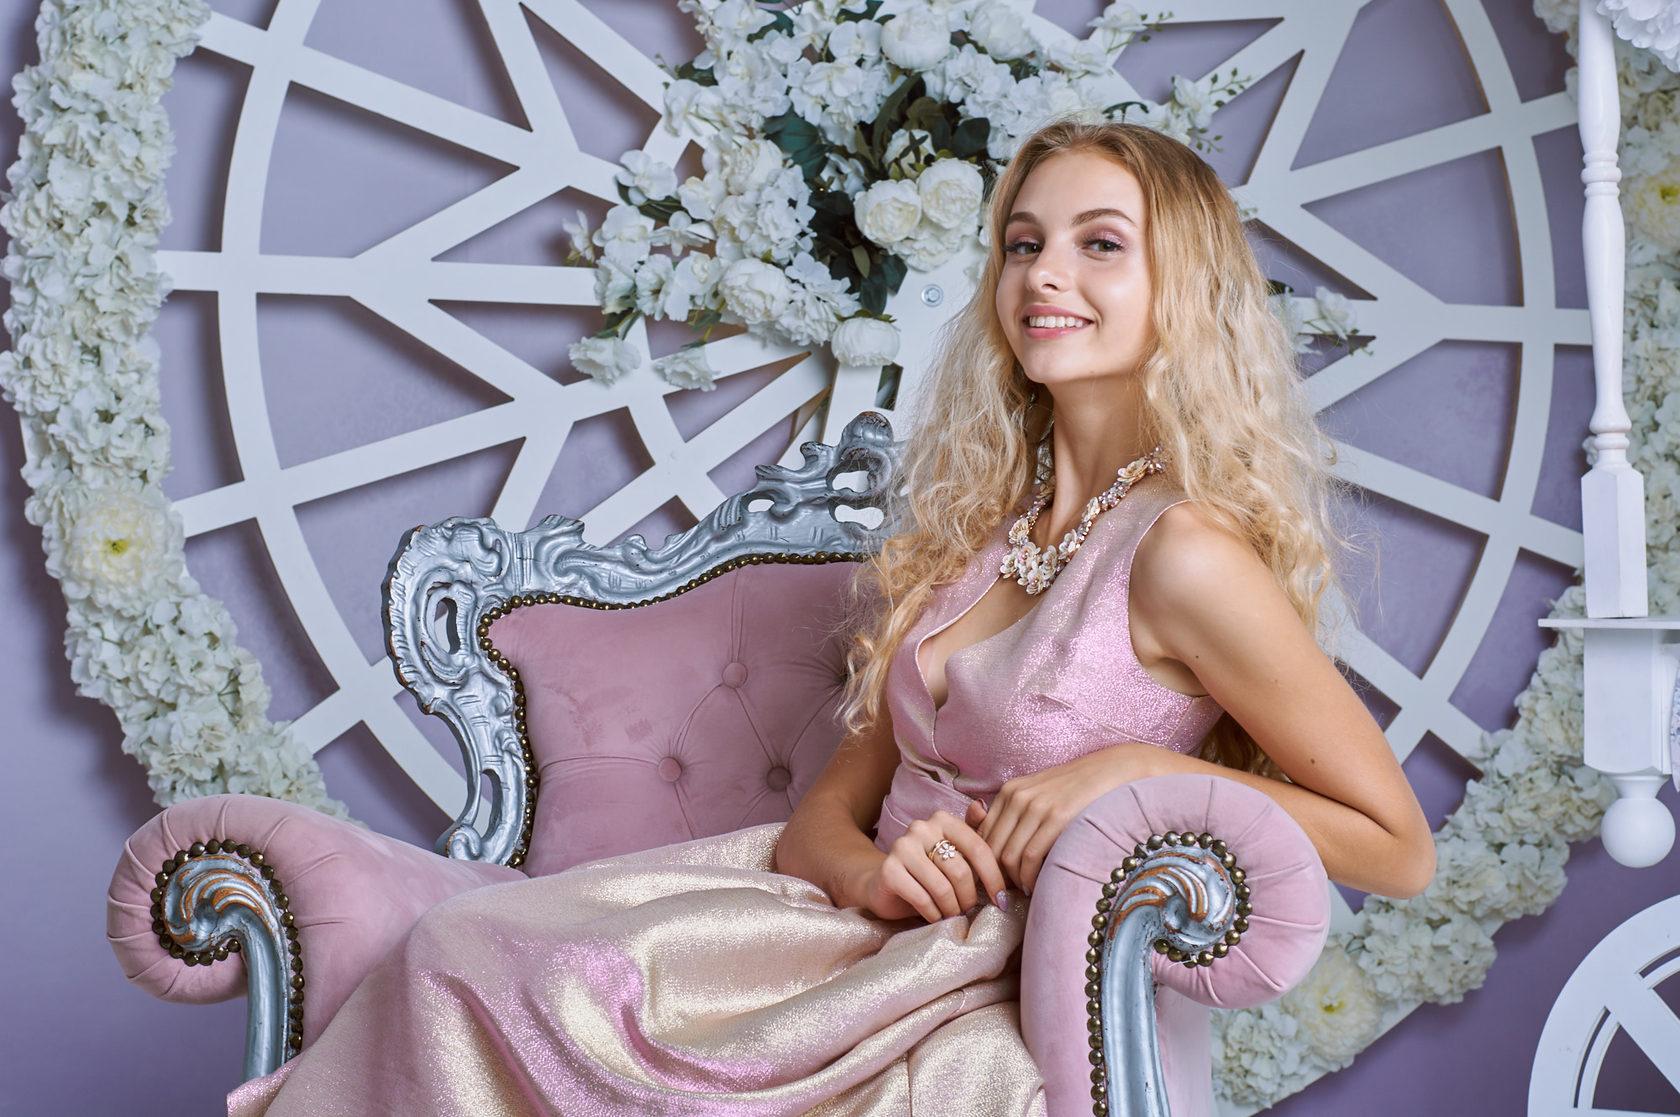 произведении описывается студийная фотосессия в королеве это